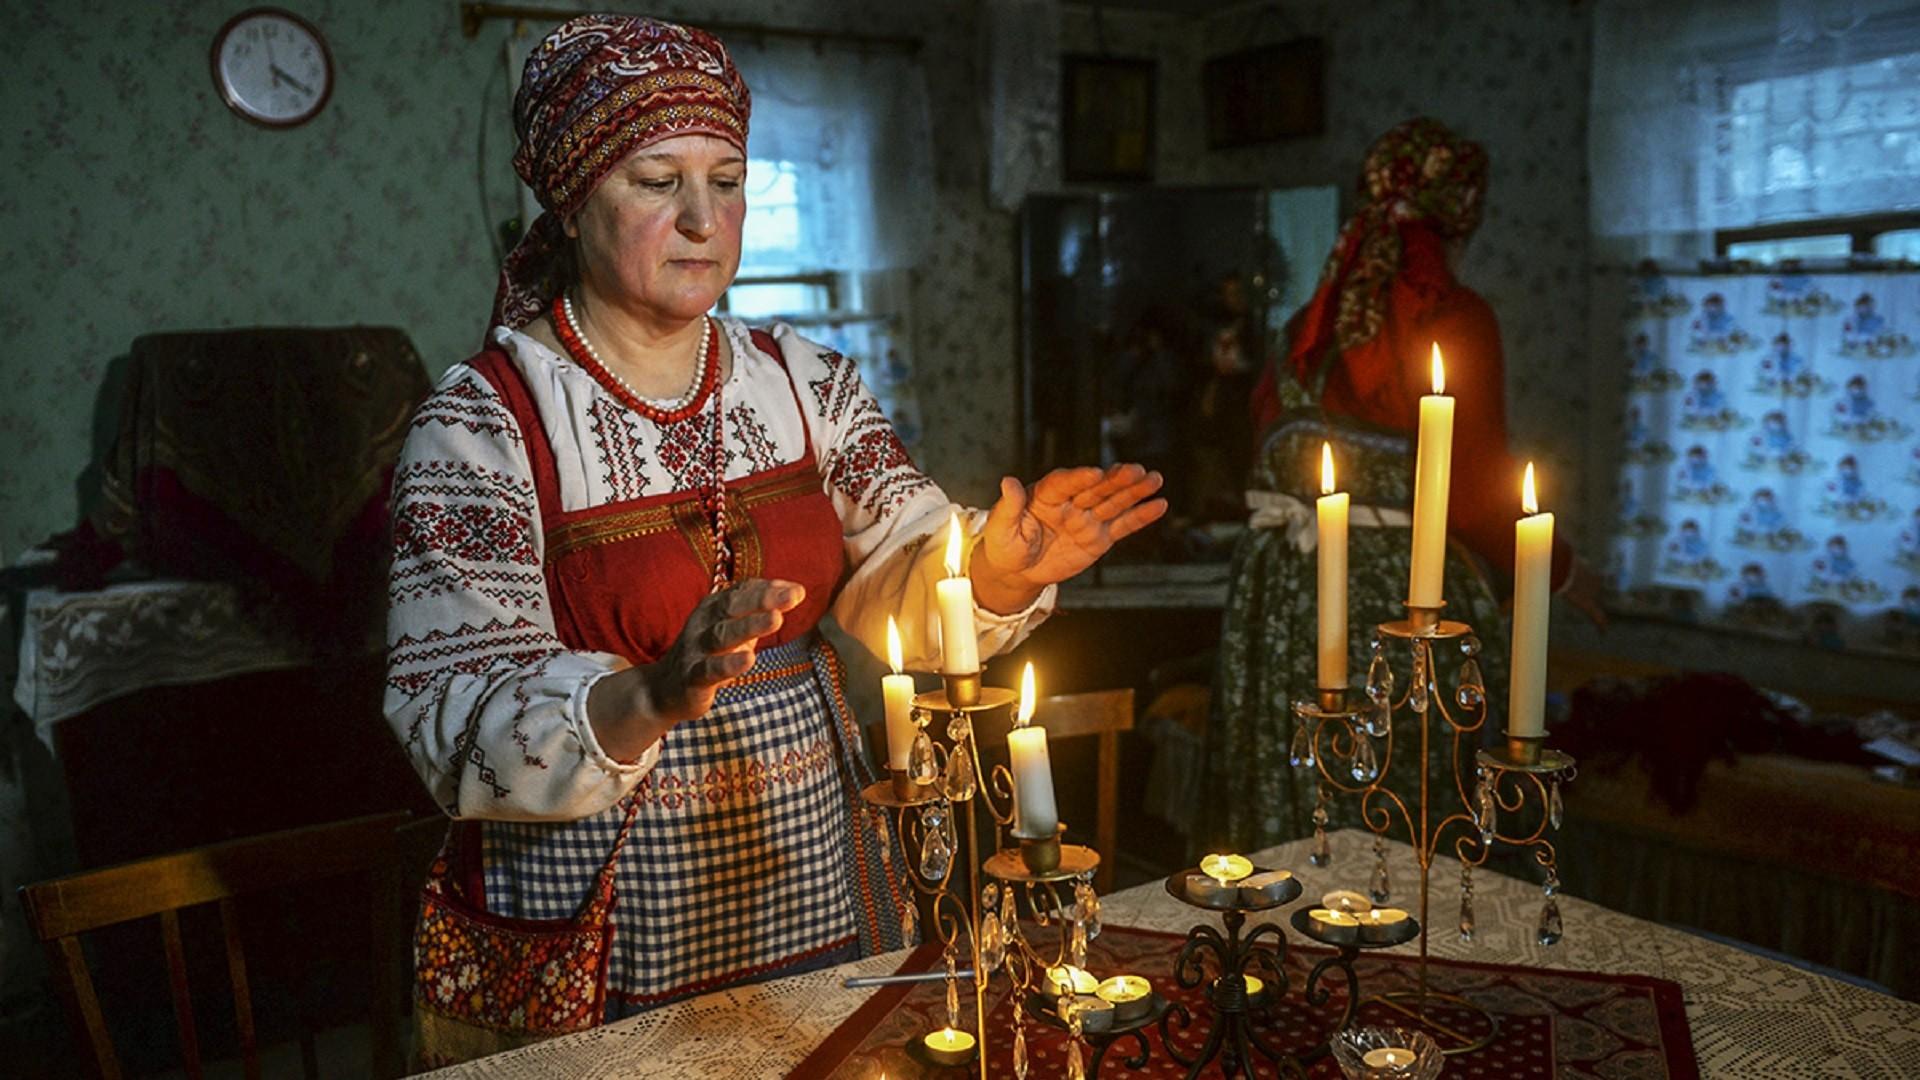 Participantes des festivités de Noël dans le village de Lojgolovo, dans la région de Saint-Pétersbourg